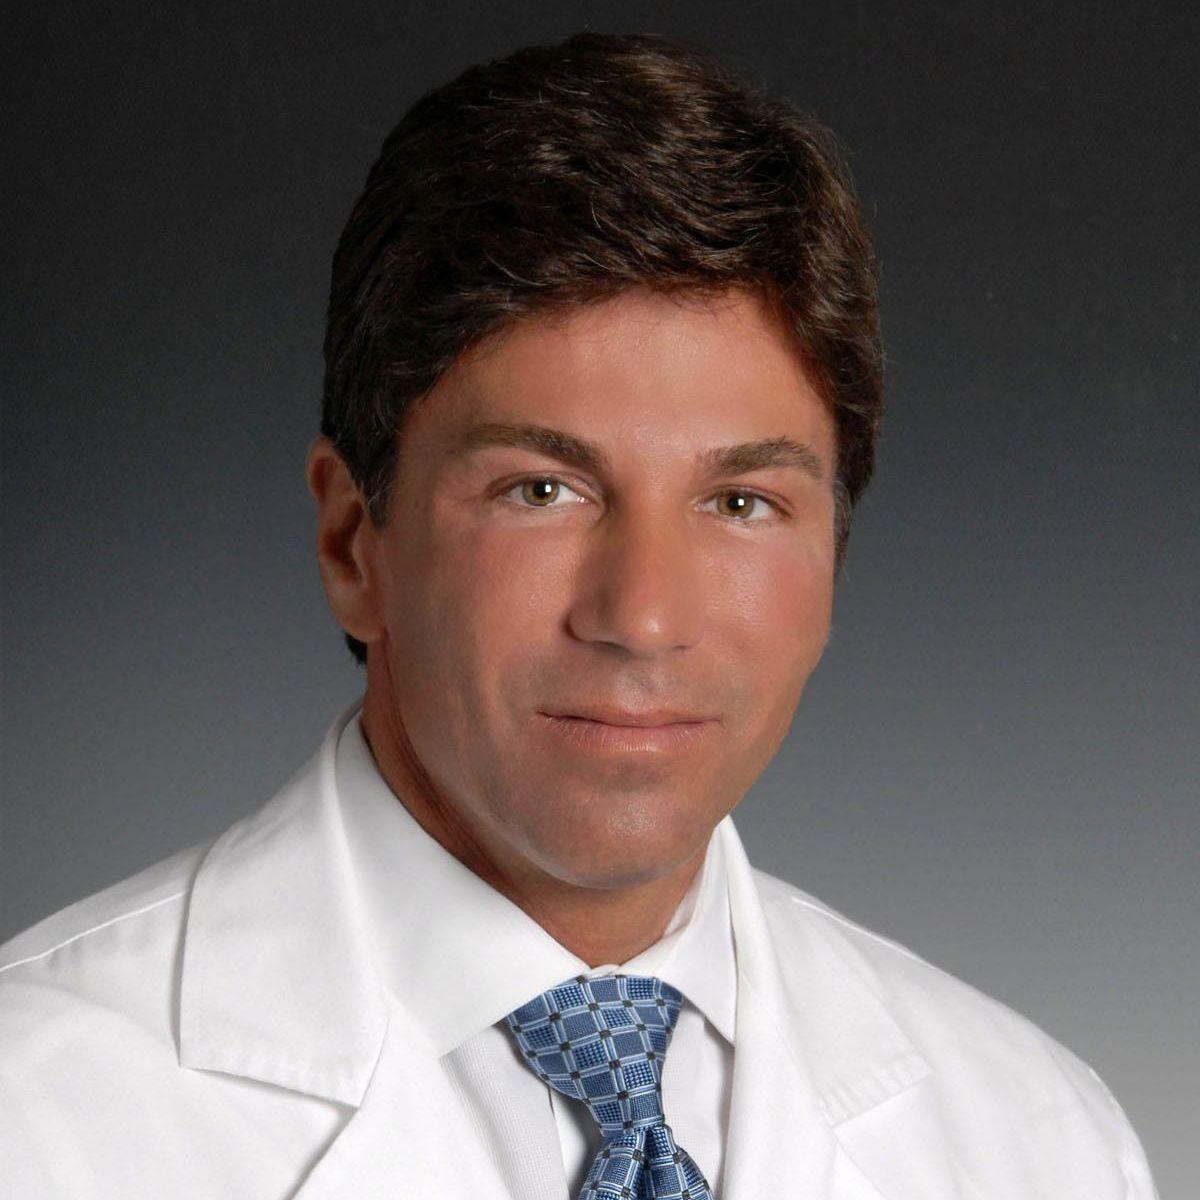 Dr. William Figlesthaler